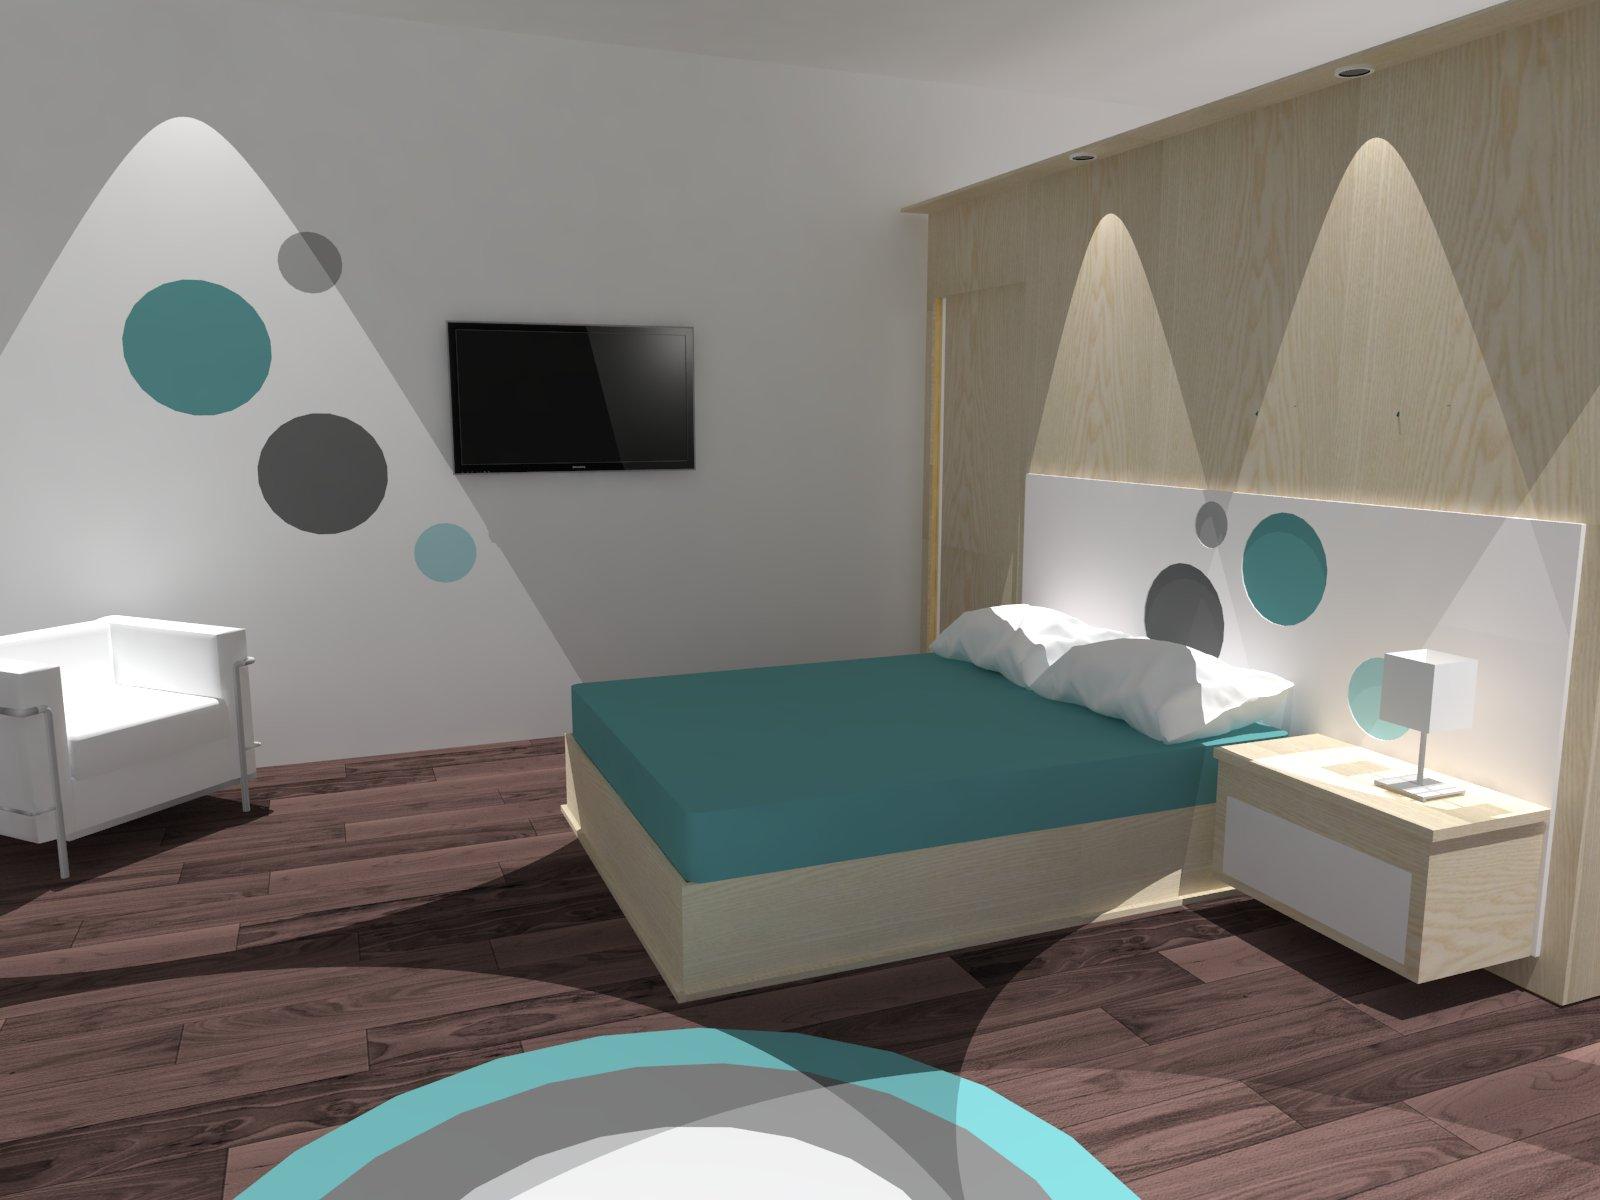 Julia design dormitorios modernos para casa en mauritania - Dormitorios infantiles modernos ...